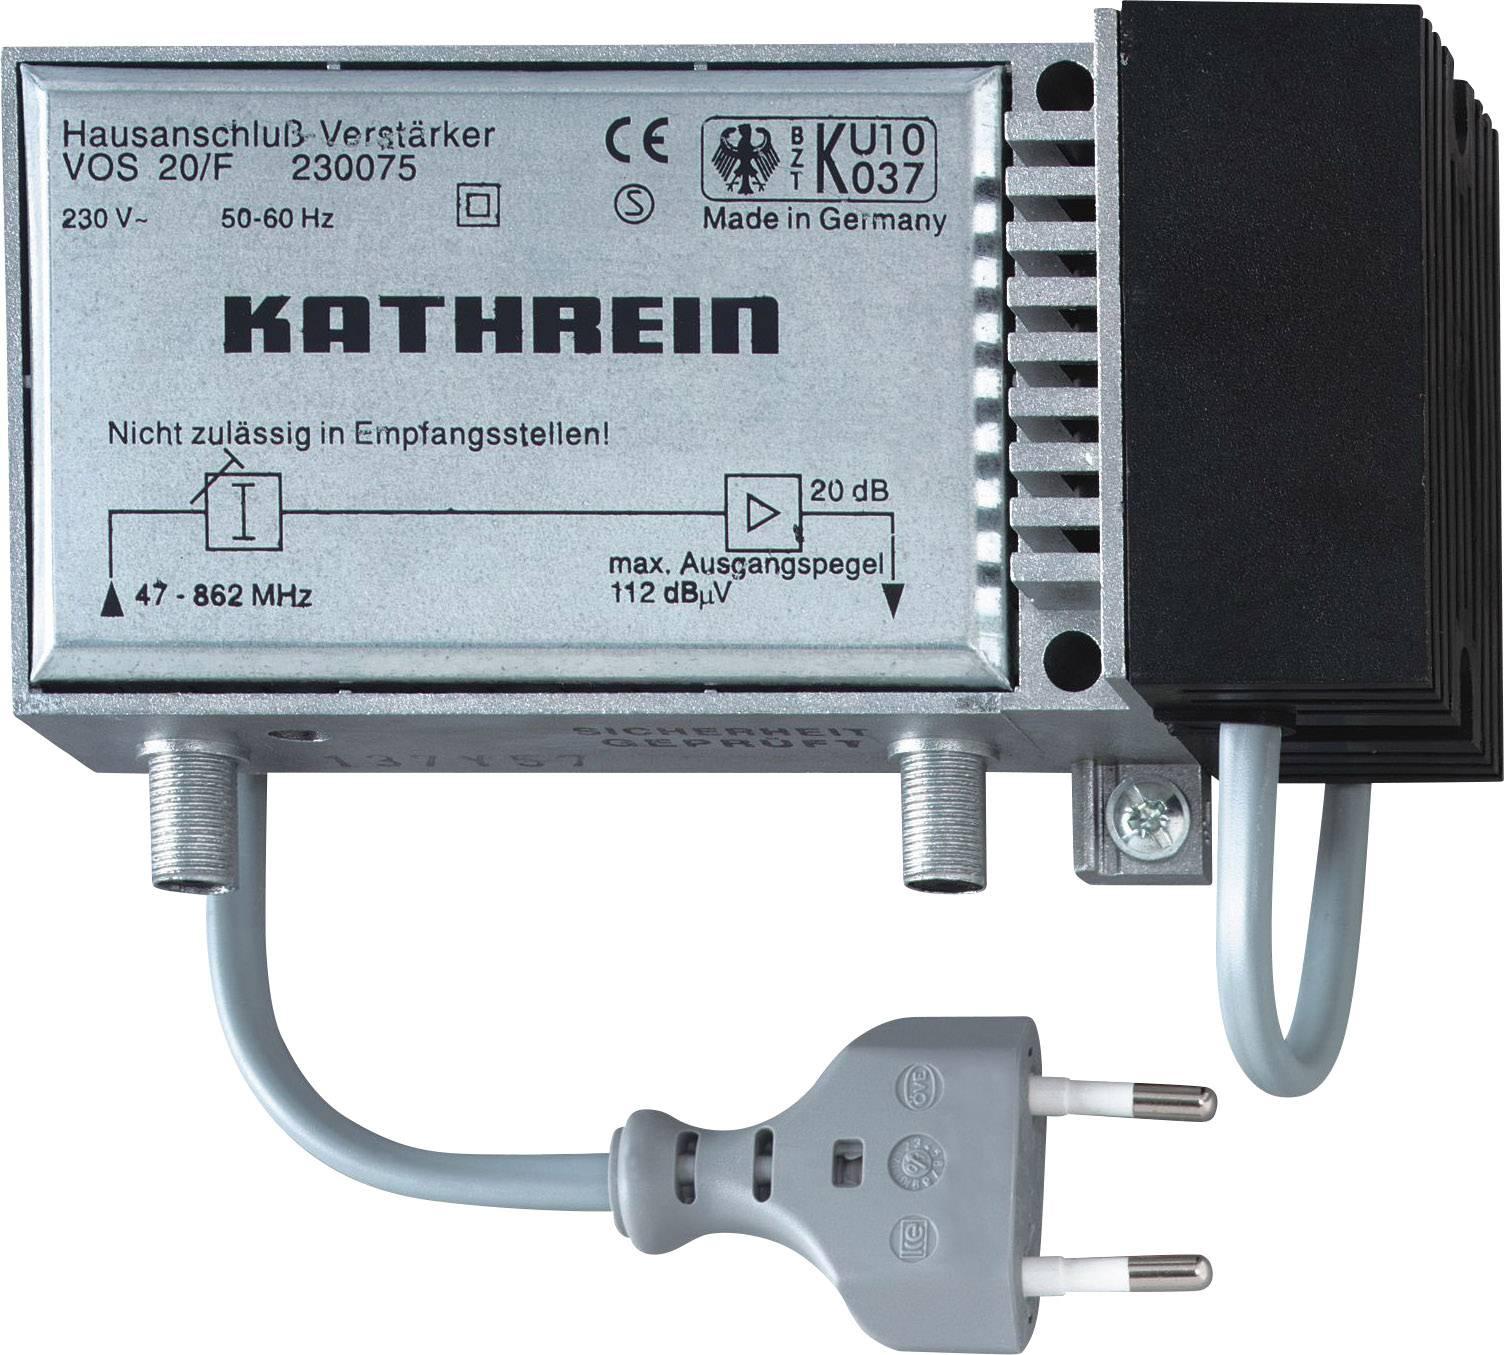 Groß Hochleistungs 1000 Watt Verstärker Xplod Drahtadapter Fotos ...